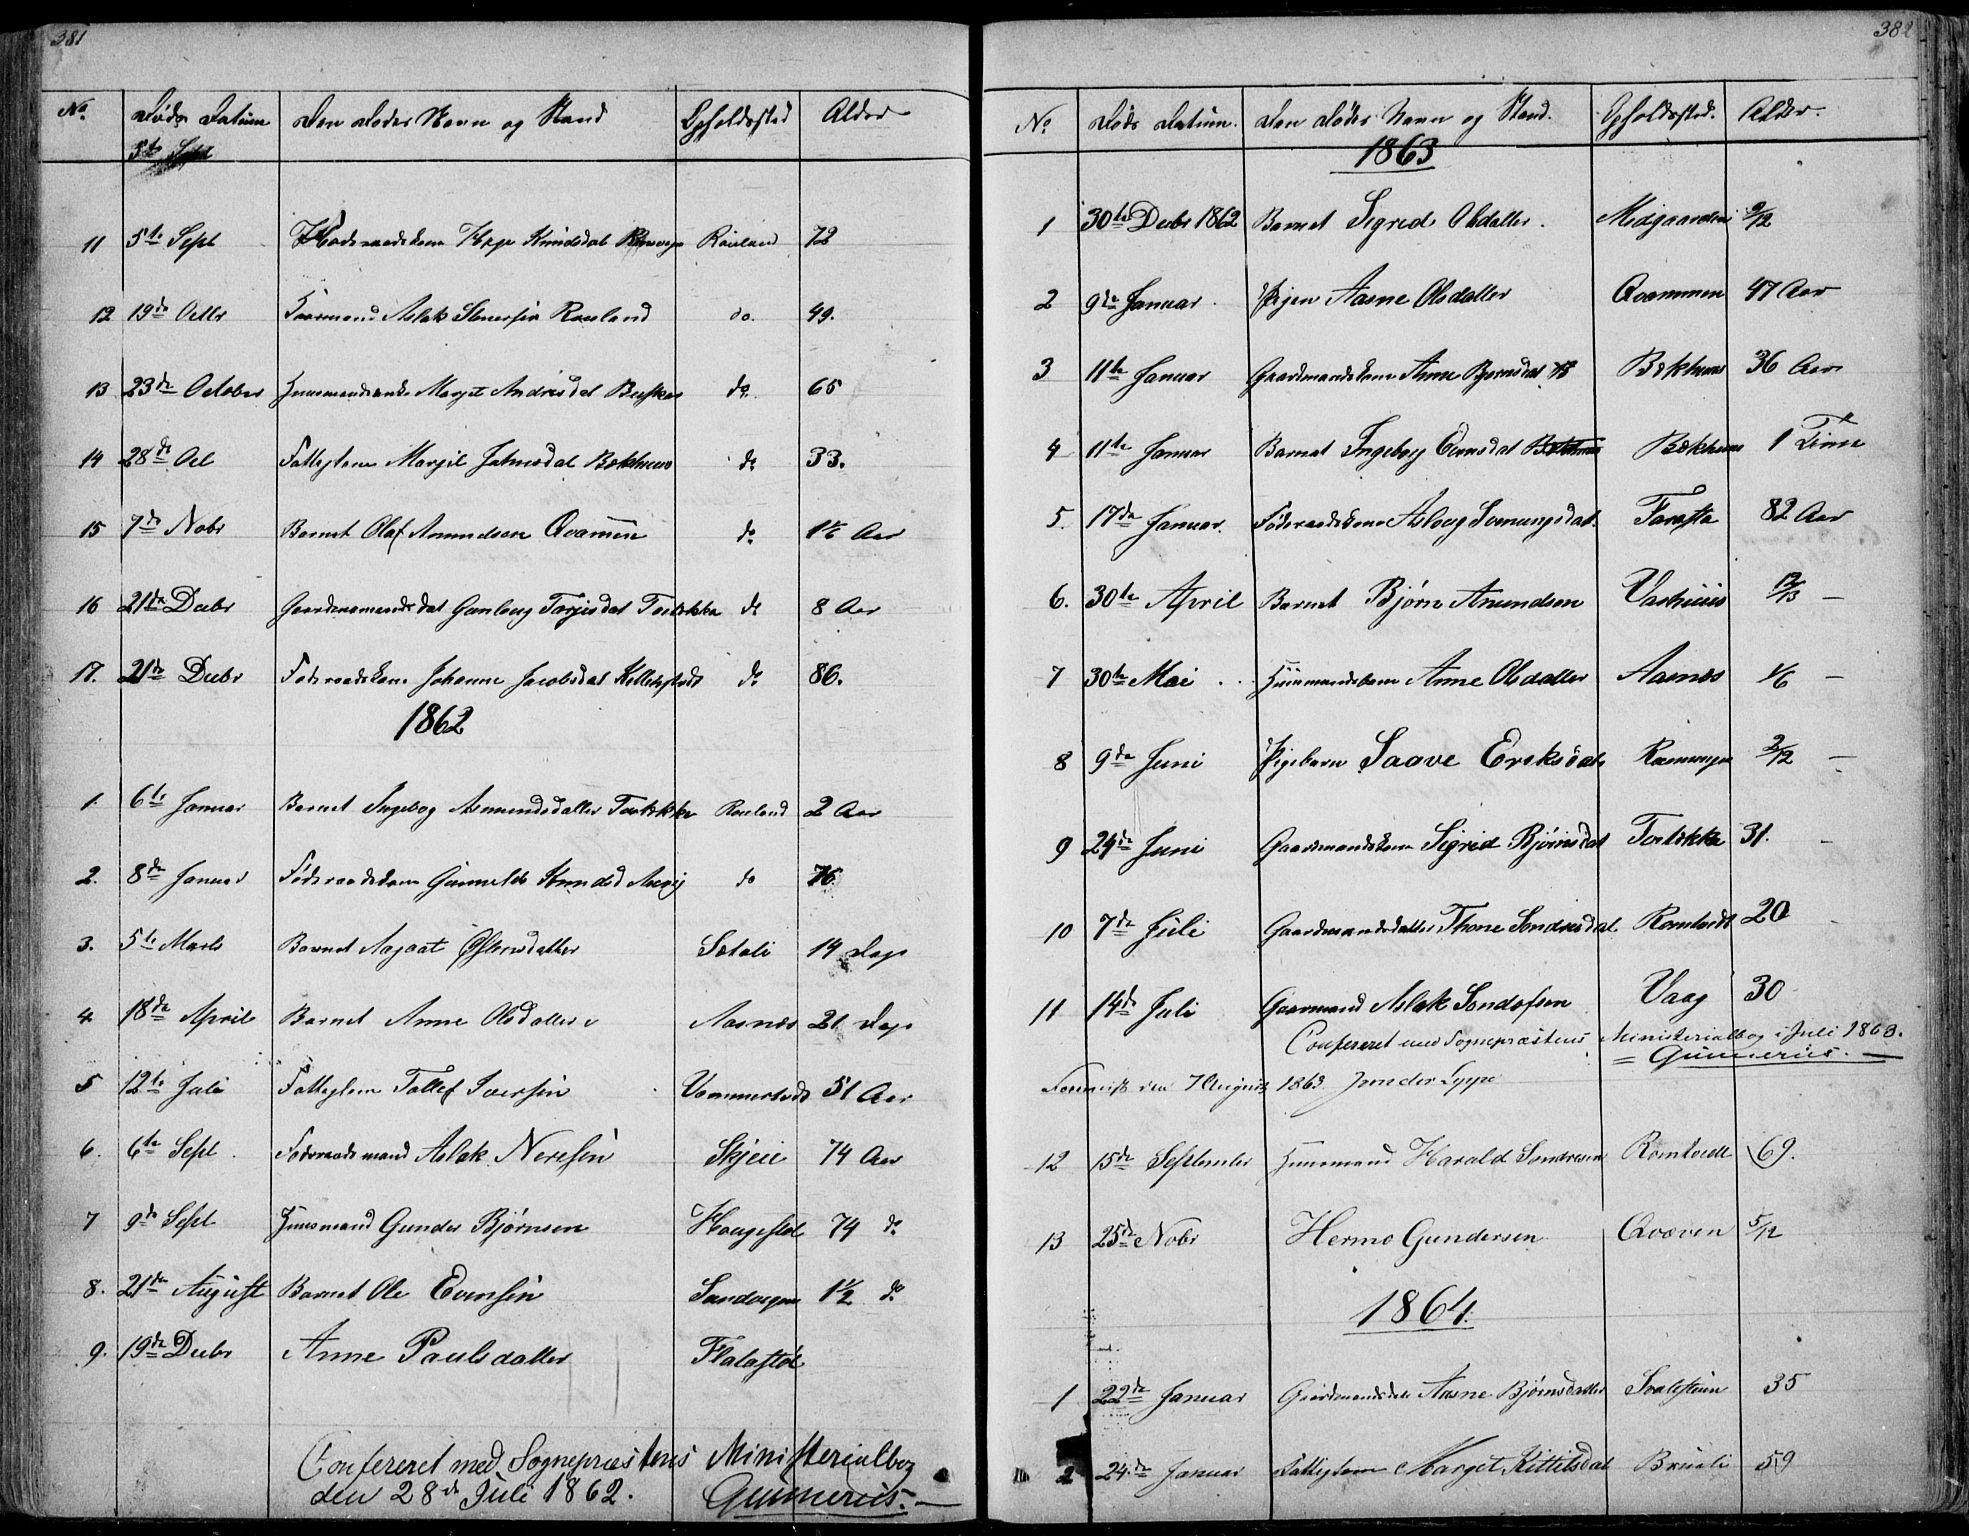 SAKO, Rauland kirkebøker, G/Ga/L0002: Klokkerbok nr. I 2, 1849-1935, s. 381-382